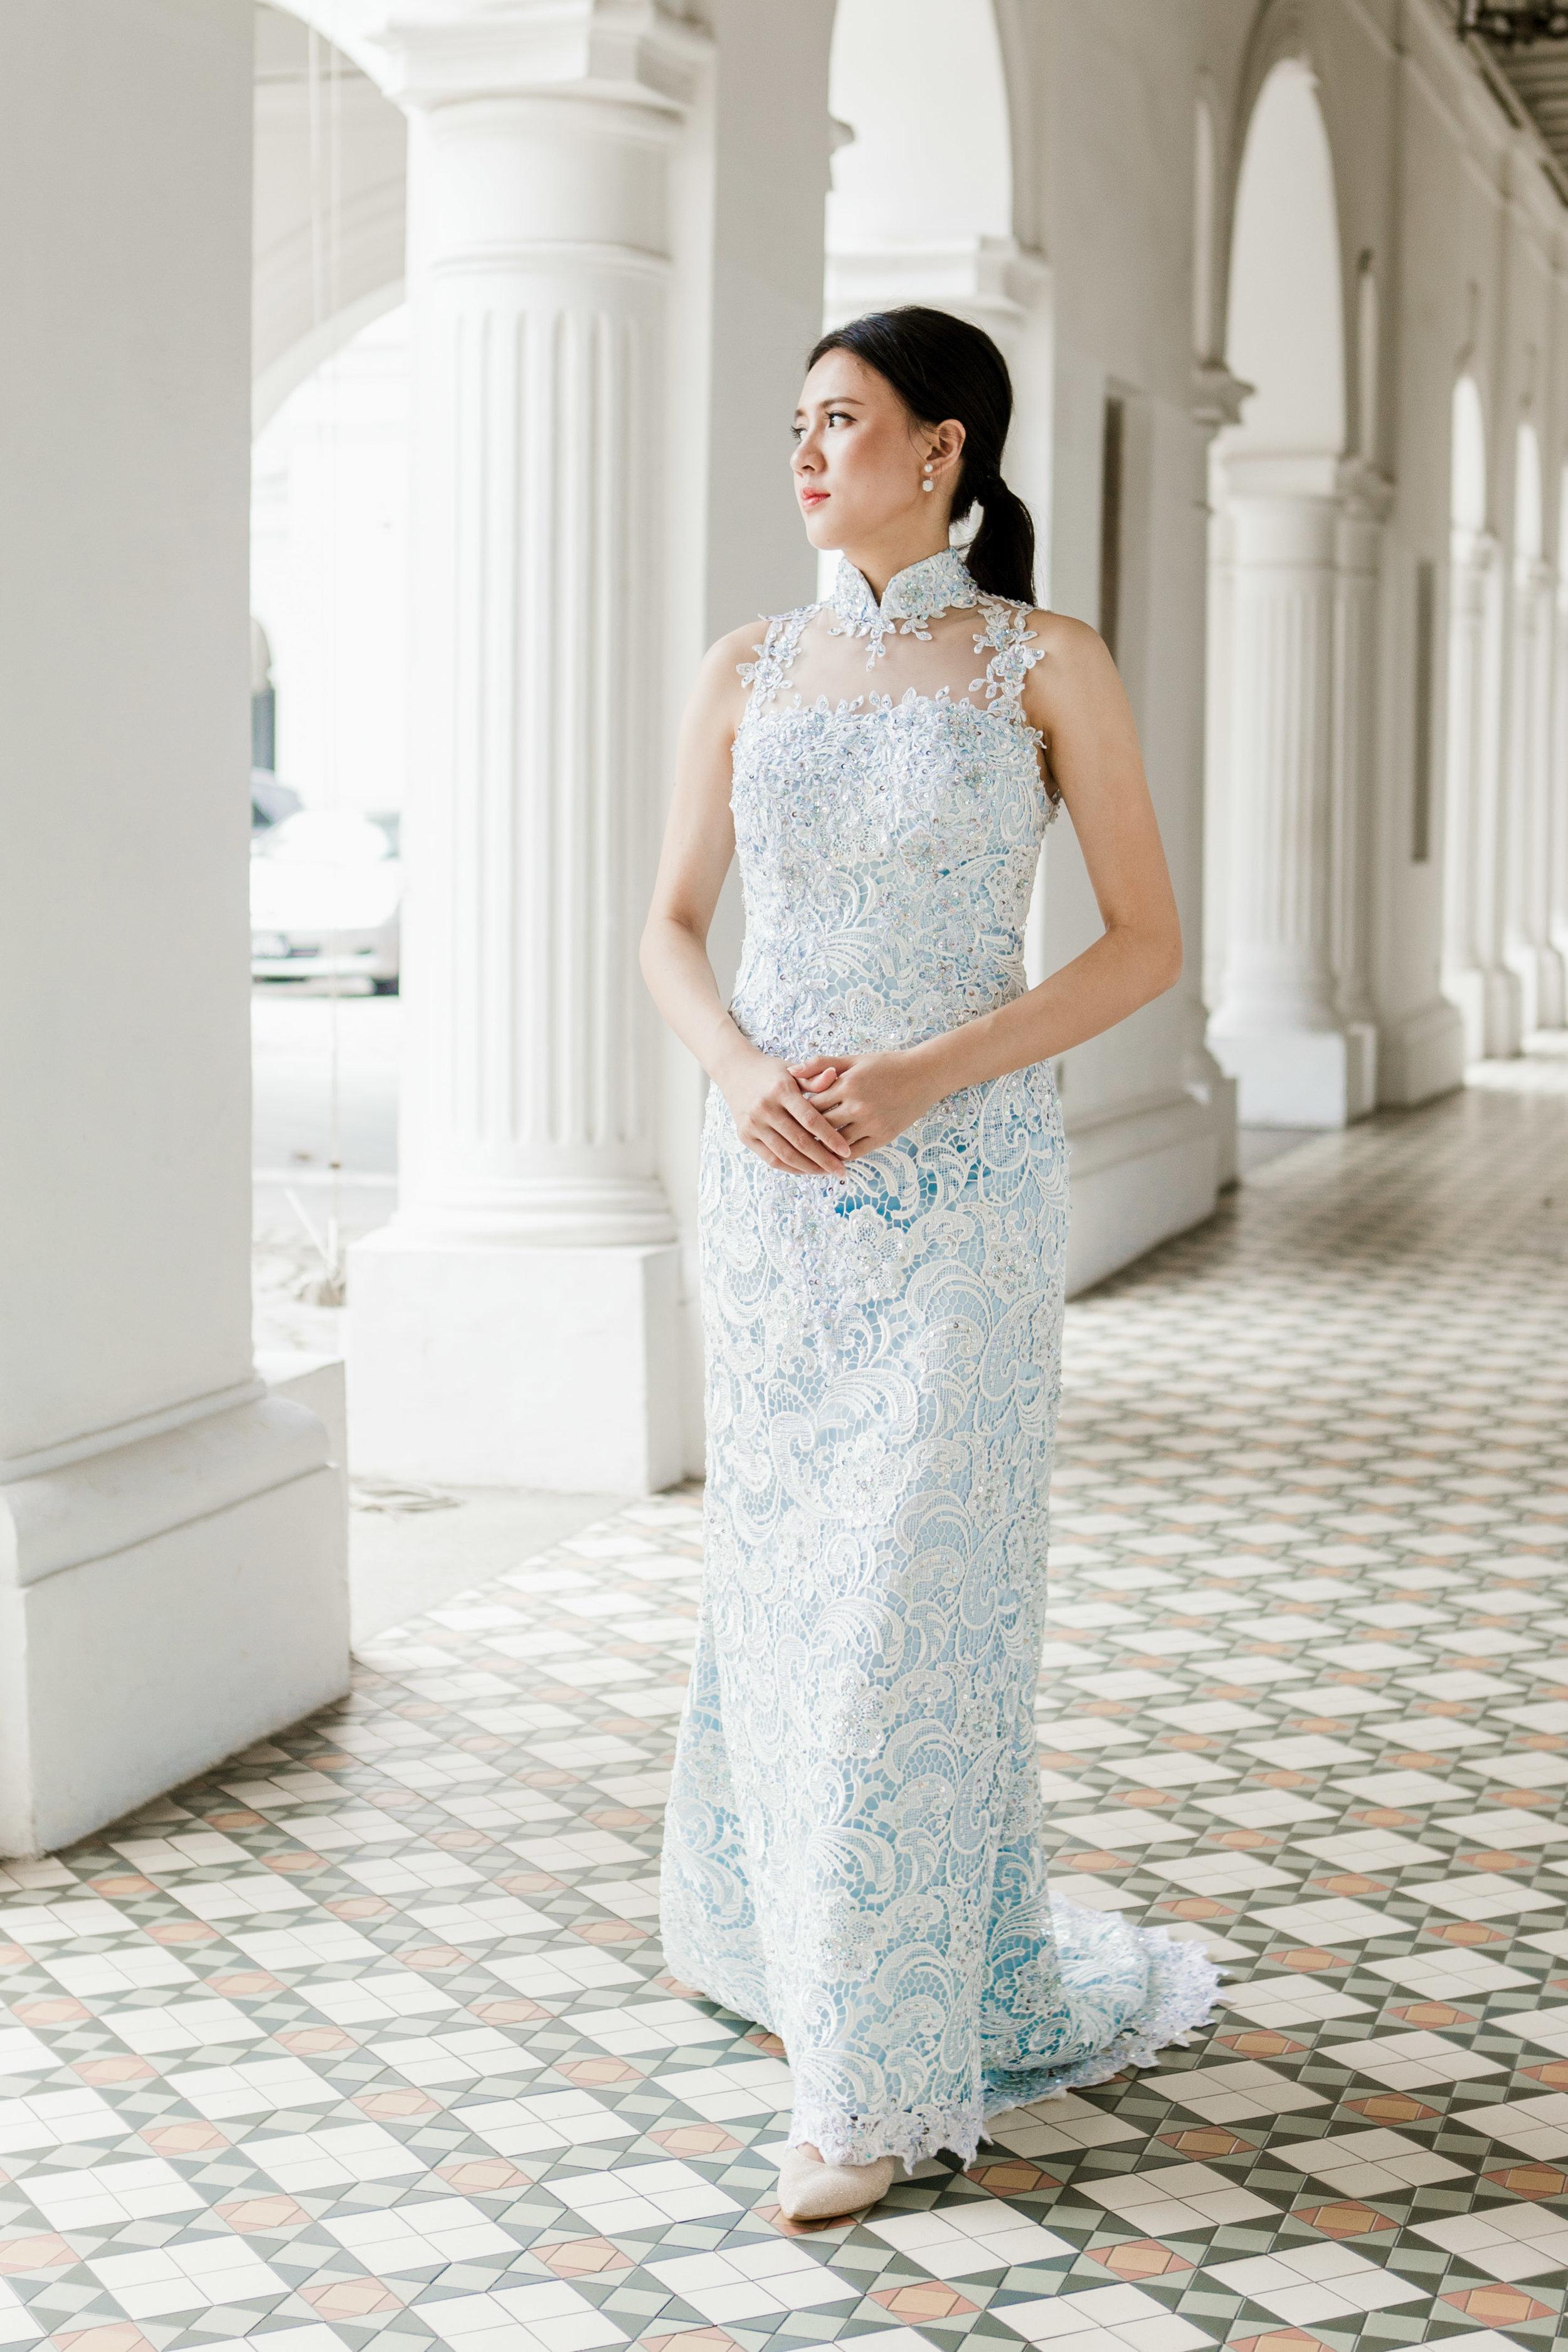 ccm wedding custom made cheongsam